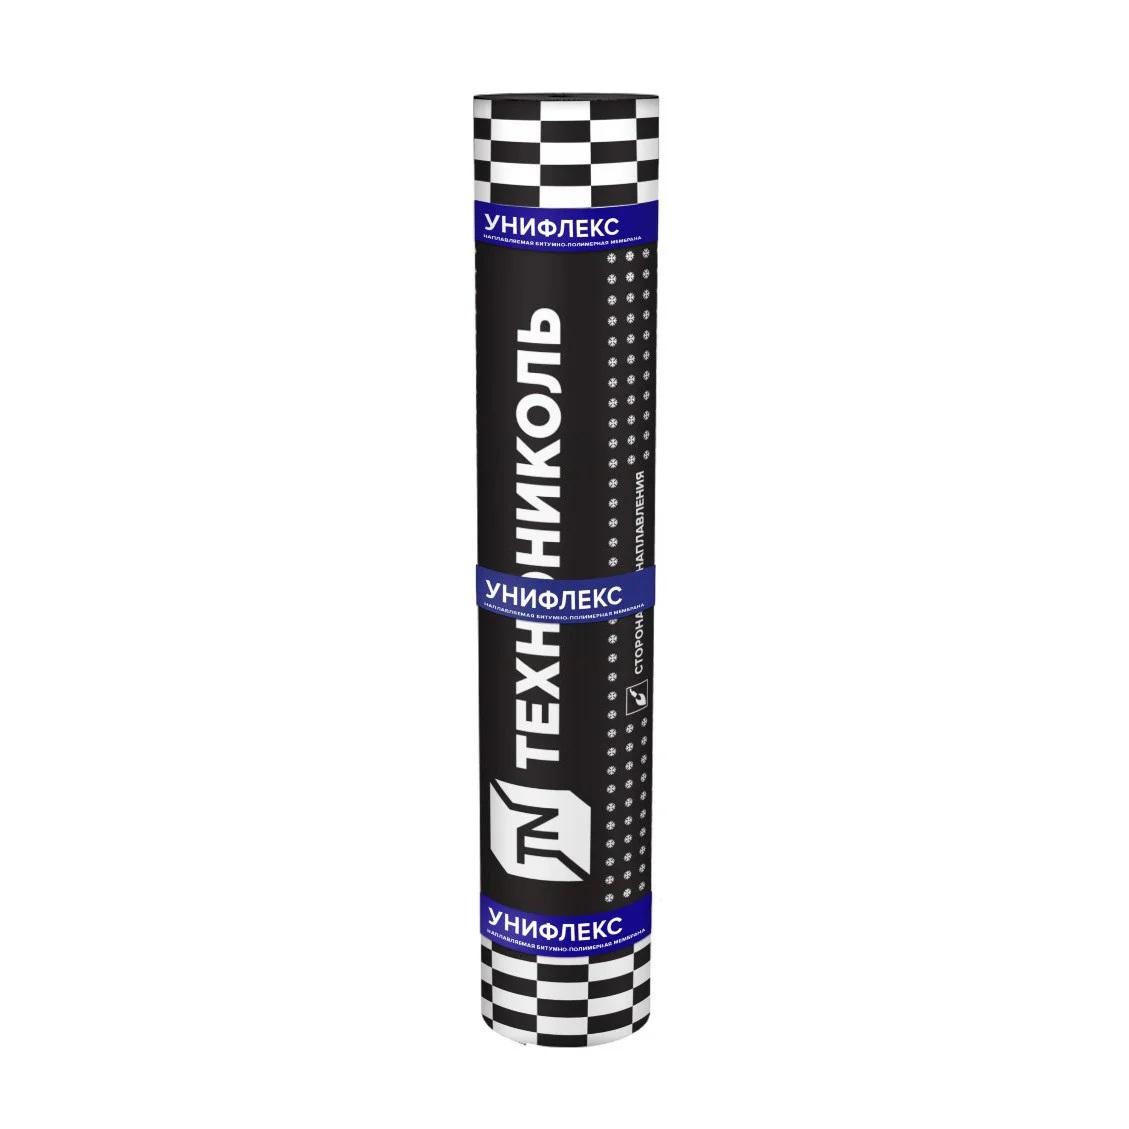 Рулонная кровля Унифлекс ТКП сланец серый 10м2 Технониколь - фото